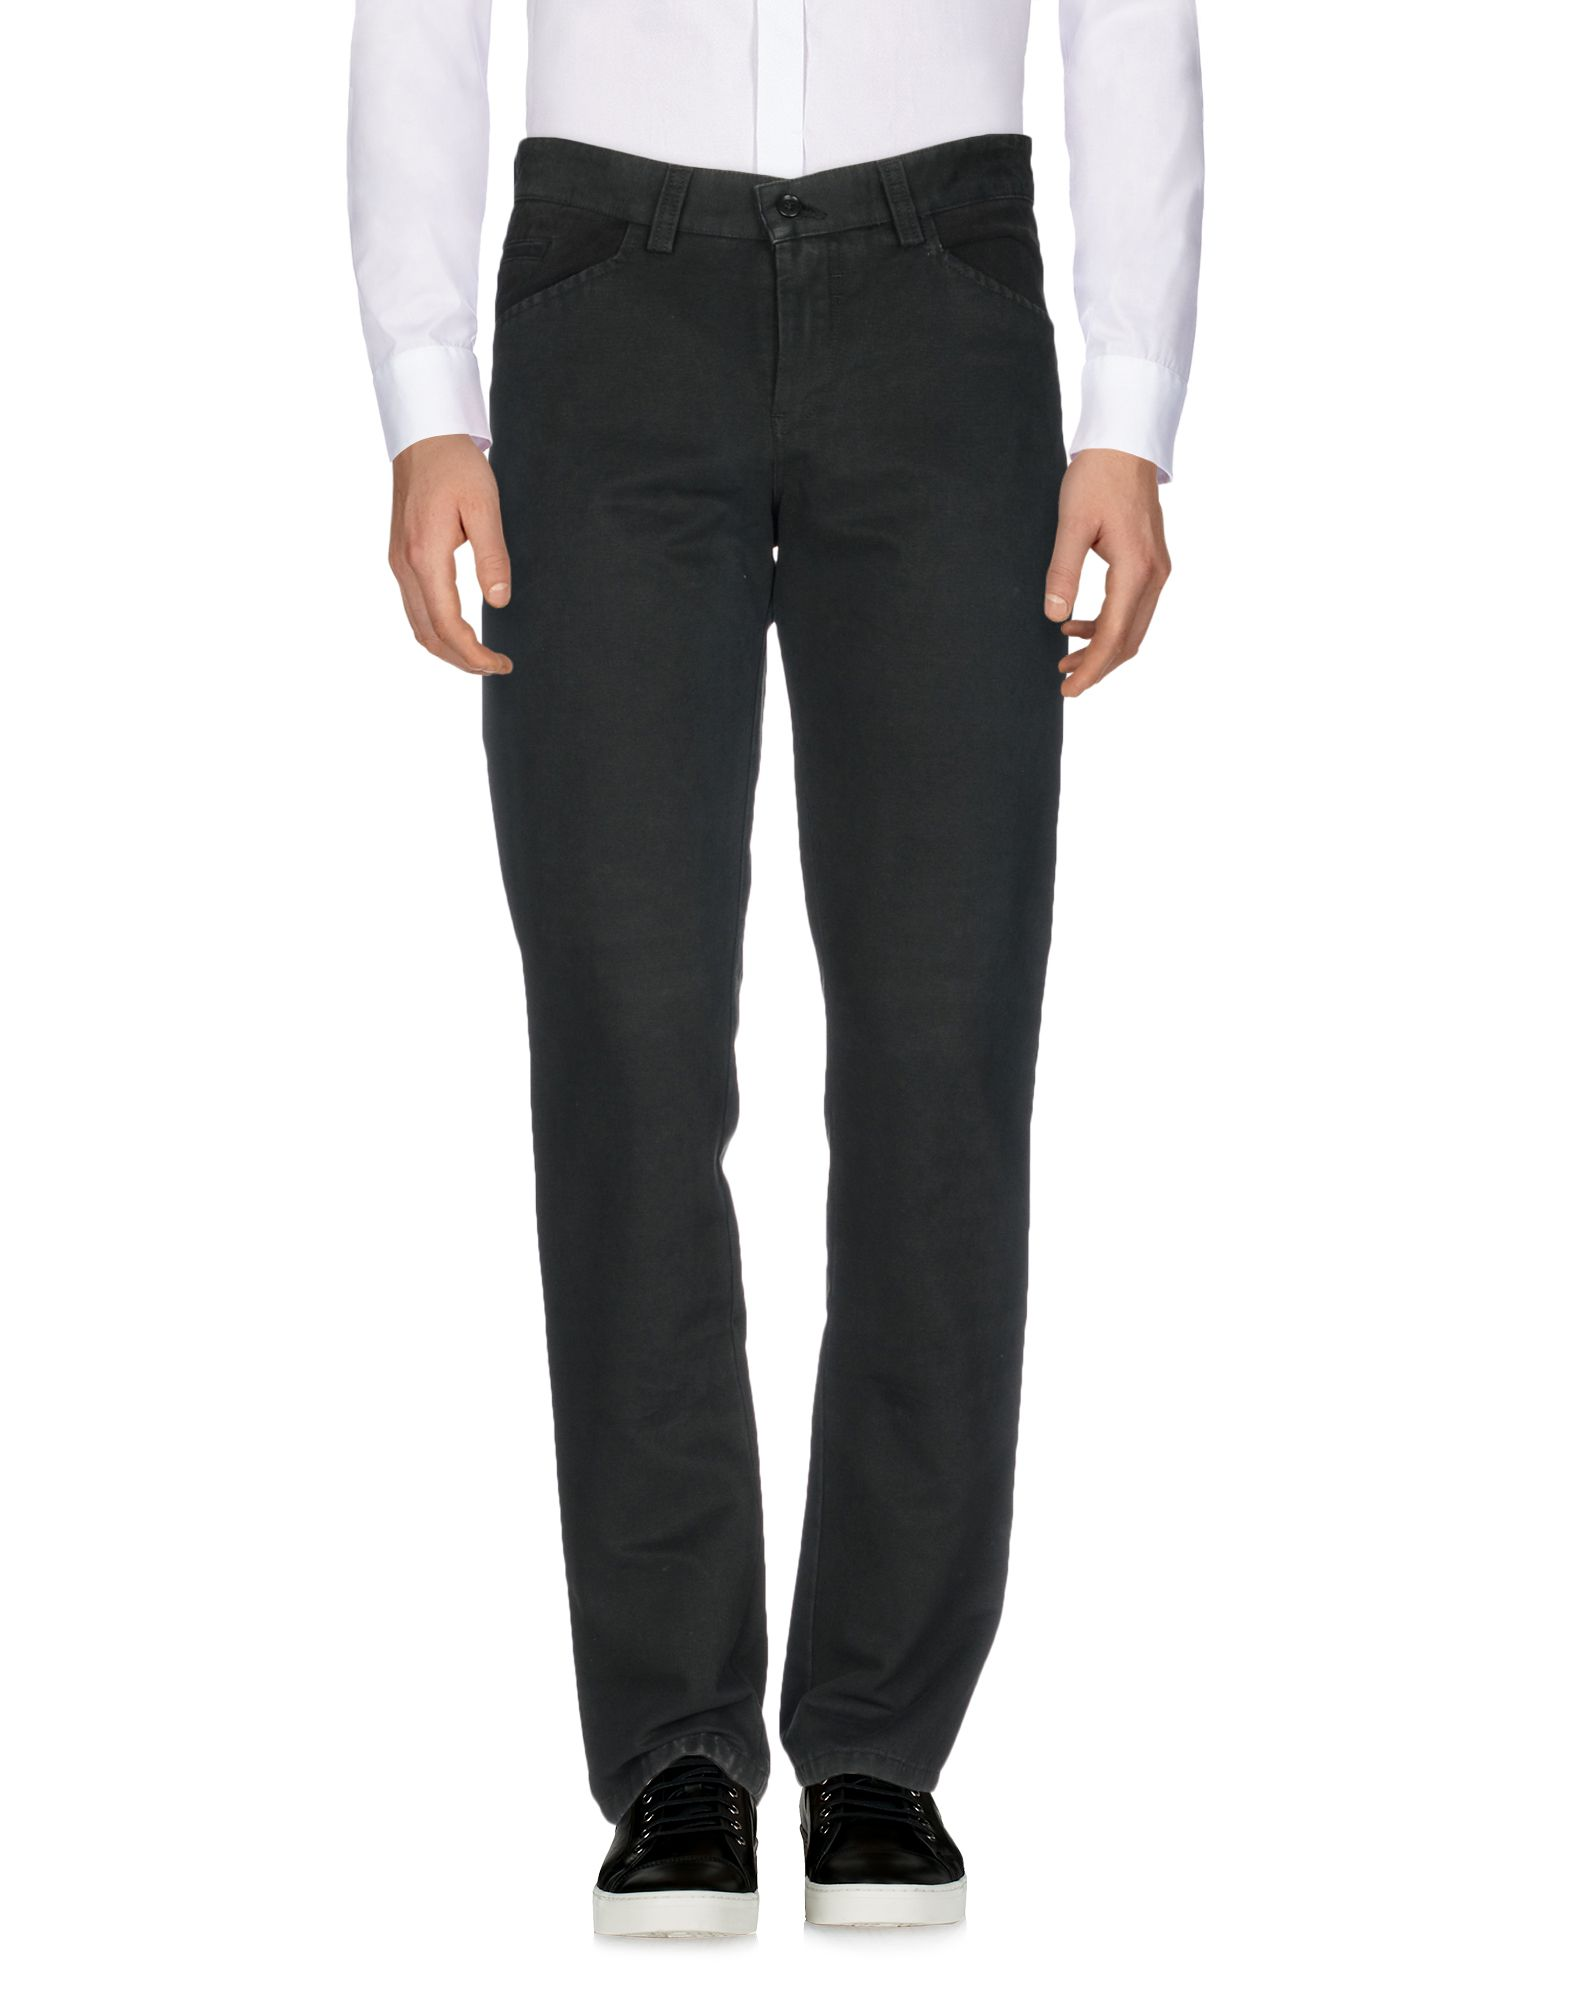 《送料無料》SKID メンズ パンツ ブラック 48 コットン 100%